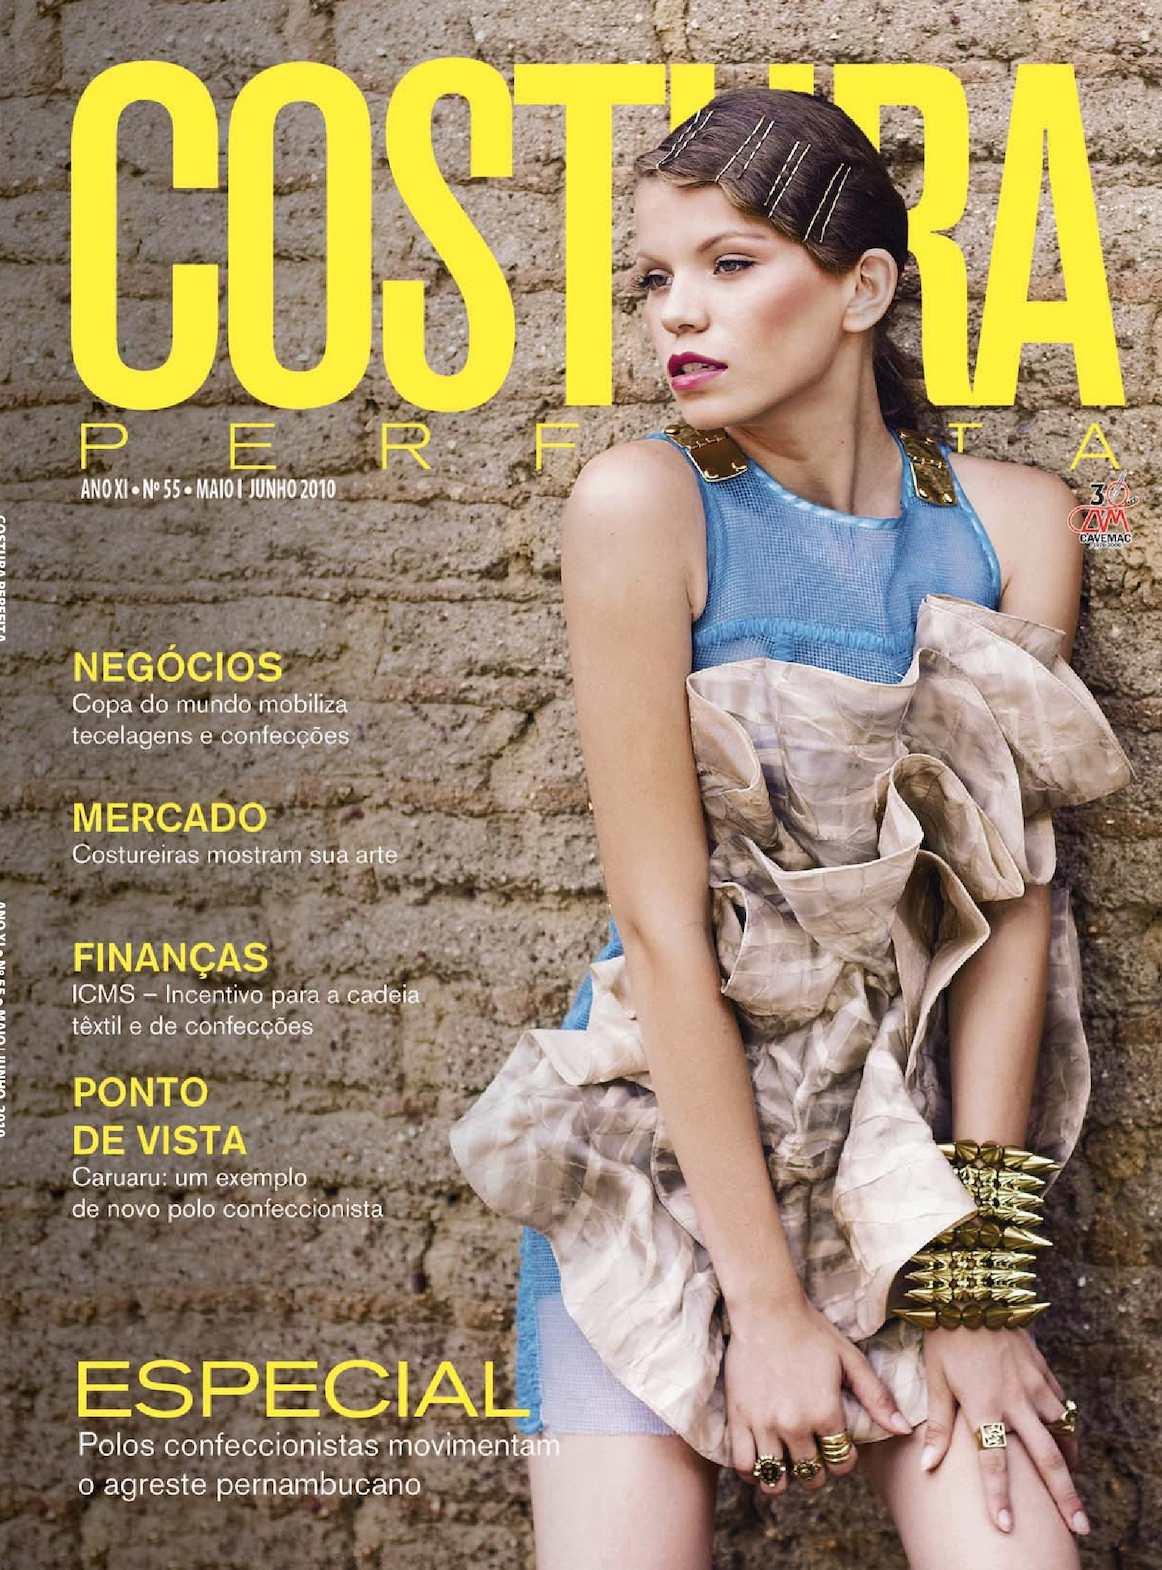 4c676317e Calaméo - Revista Costura Perfeita Edição Ano XI - N55 - Maio-Junho 2010